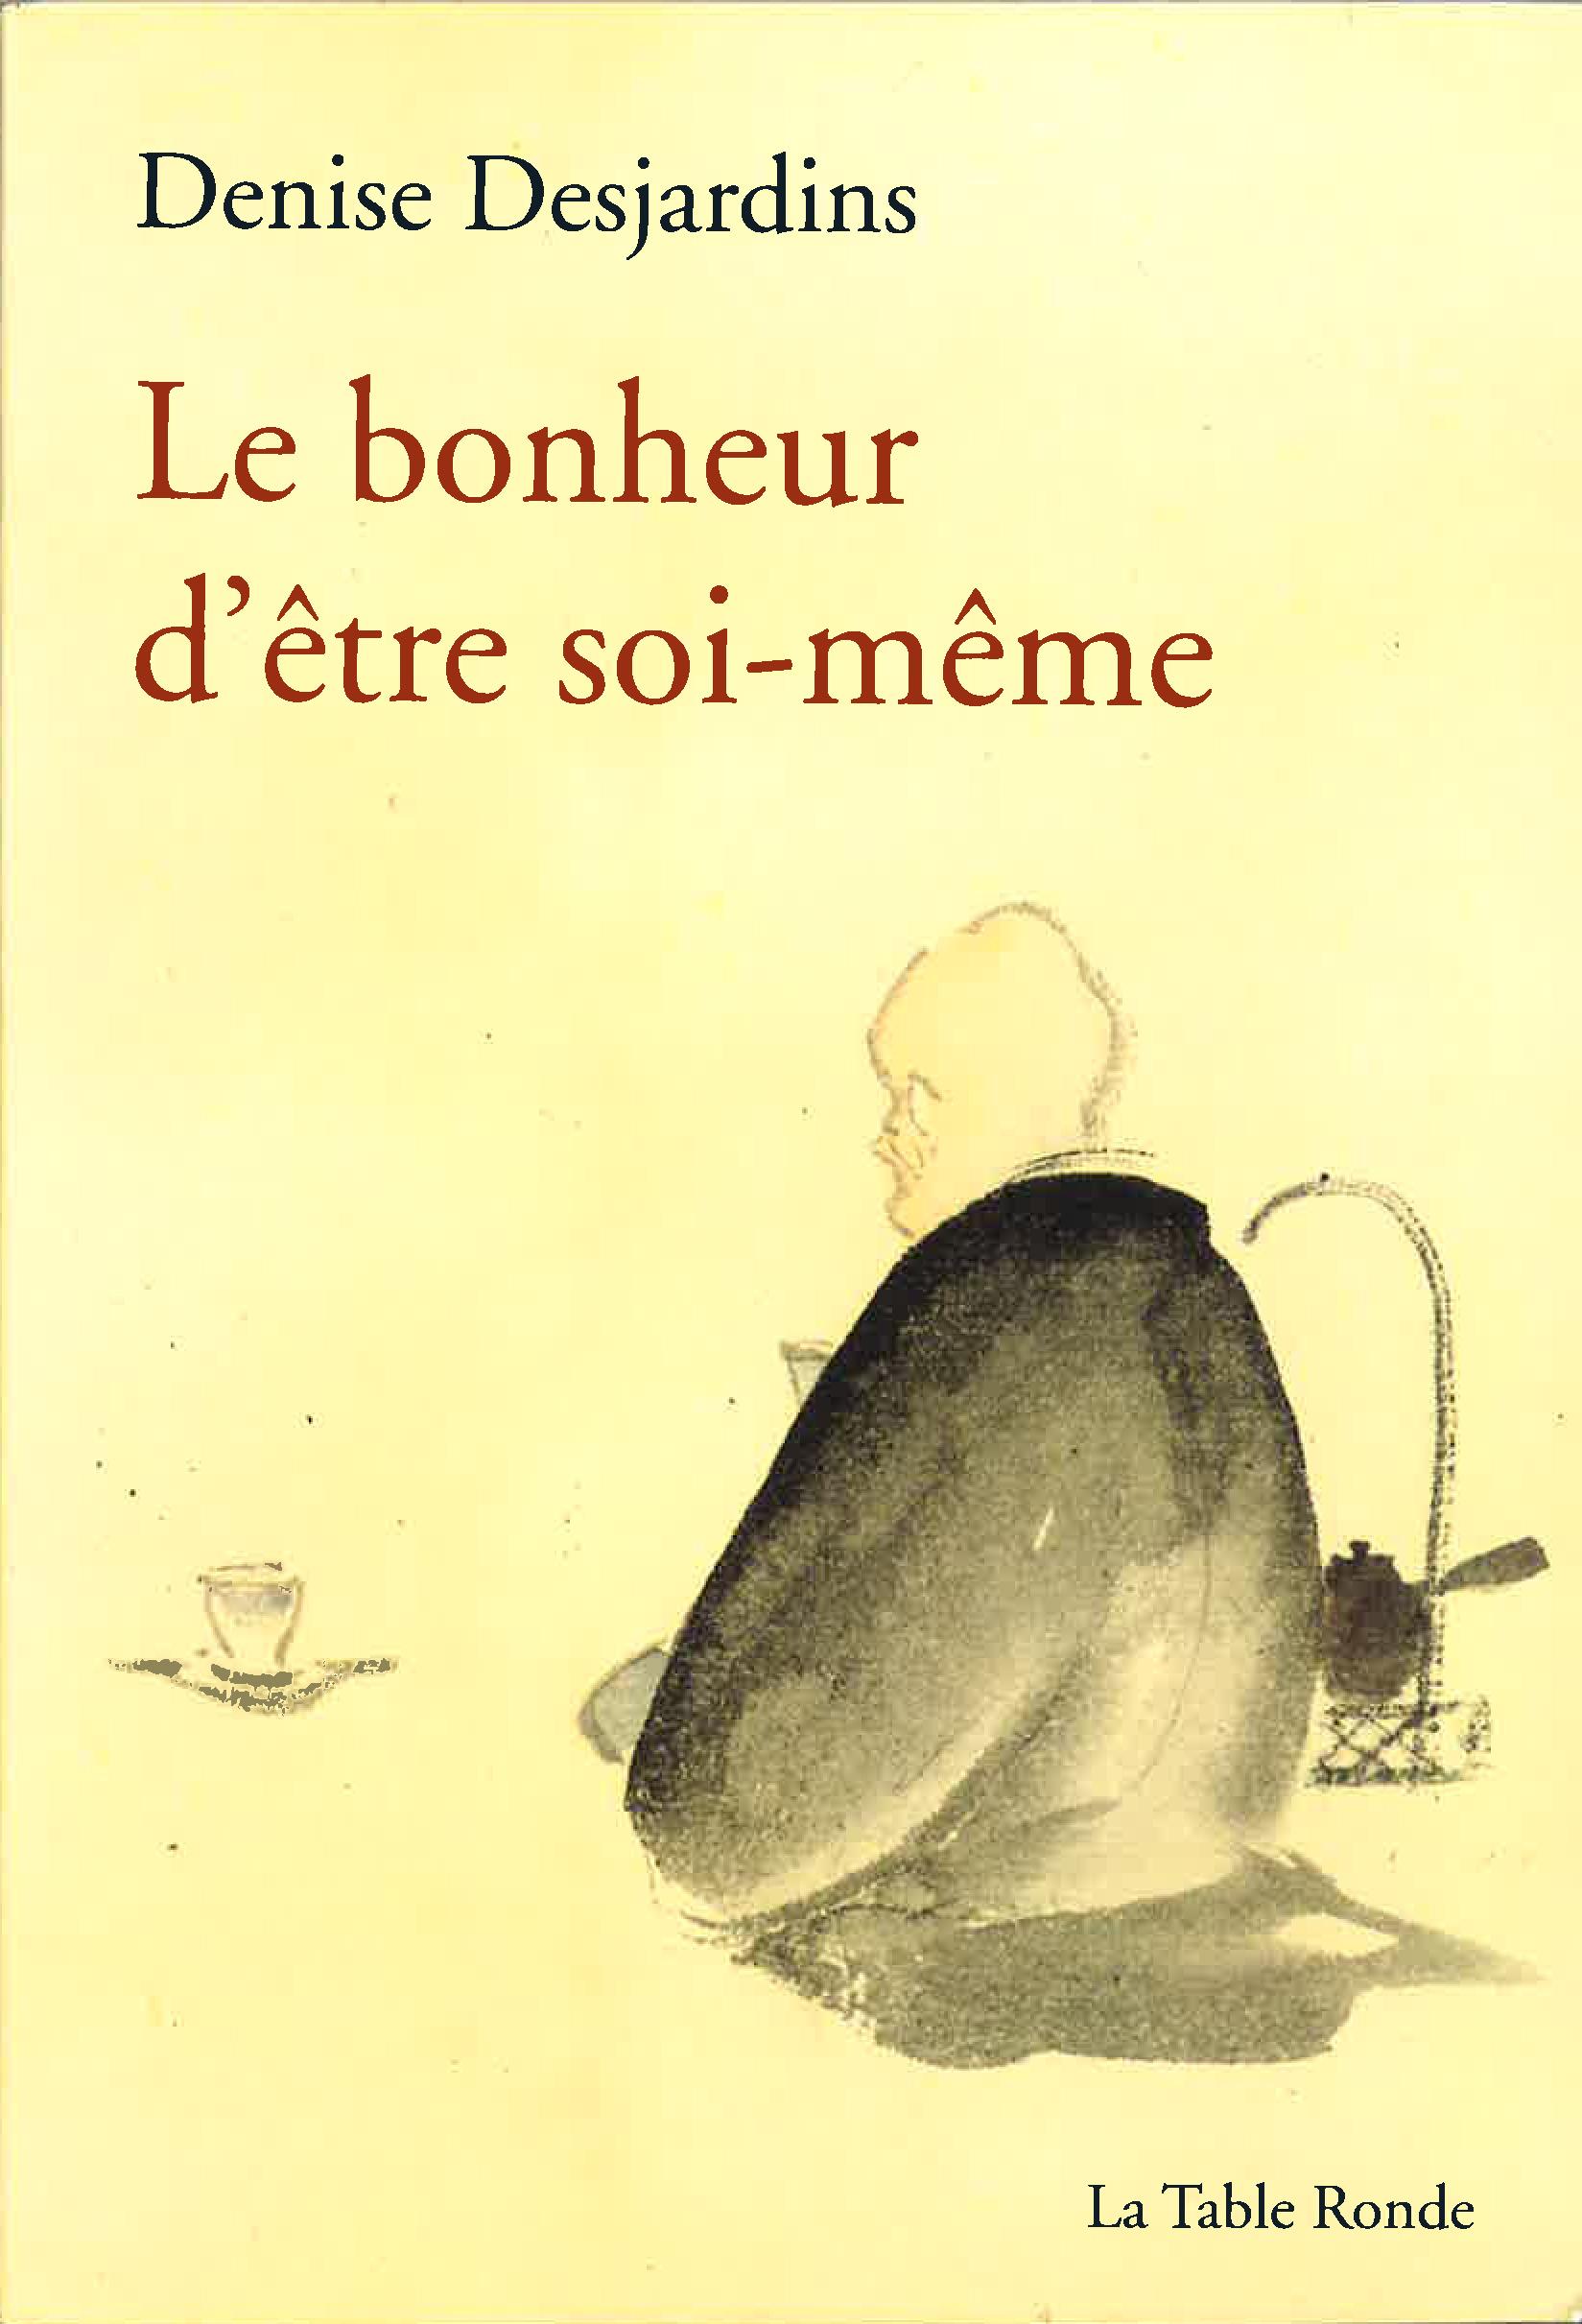 LE BONHEUR D'ETRE SOI-MEME